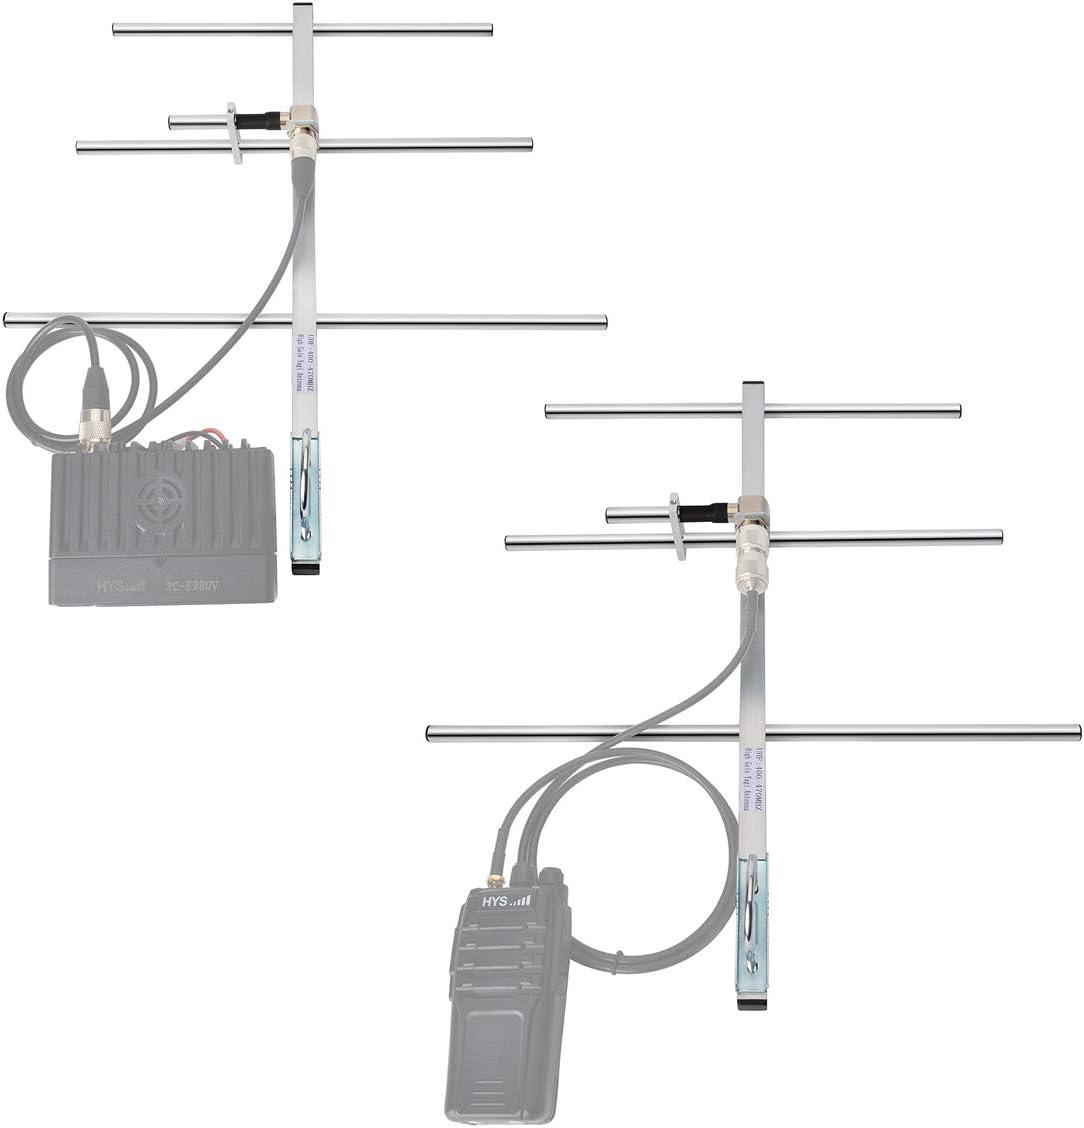 HYS UHF 100 W Yagi Antena de estación Base con Alta amplificación 7 dBi UHF Hembra de aleación de Aluminio para 400-470 MHz móvil transmisor FM/Radio